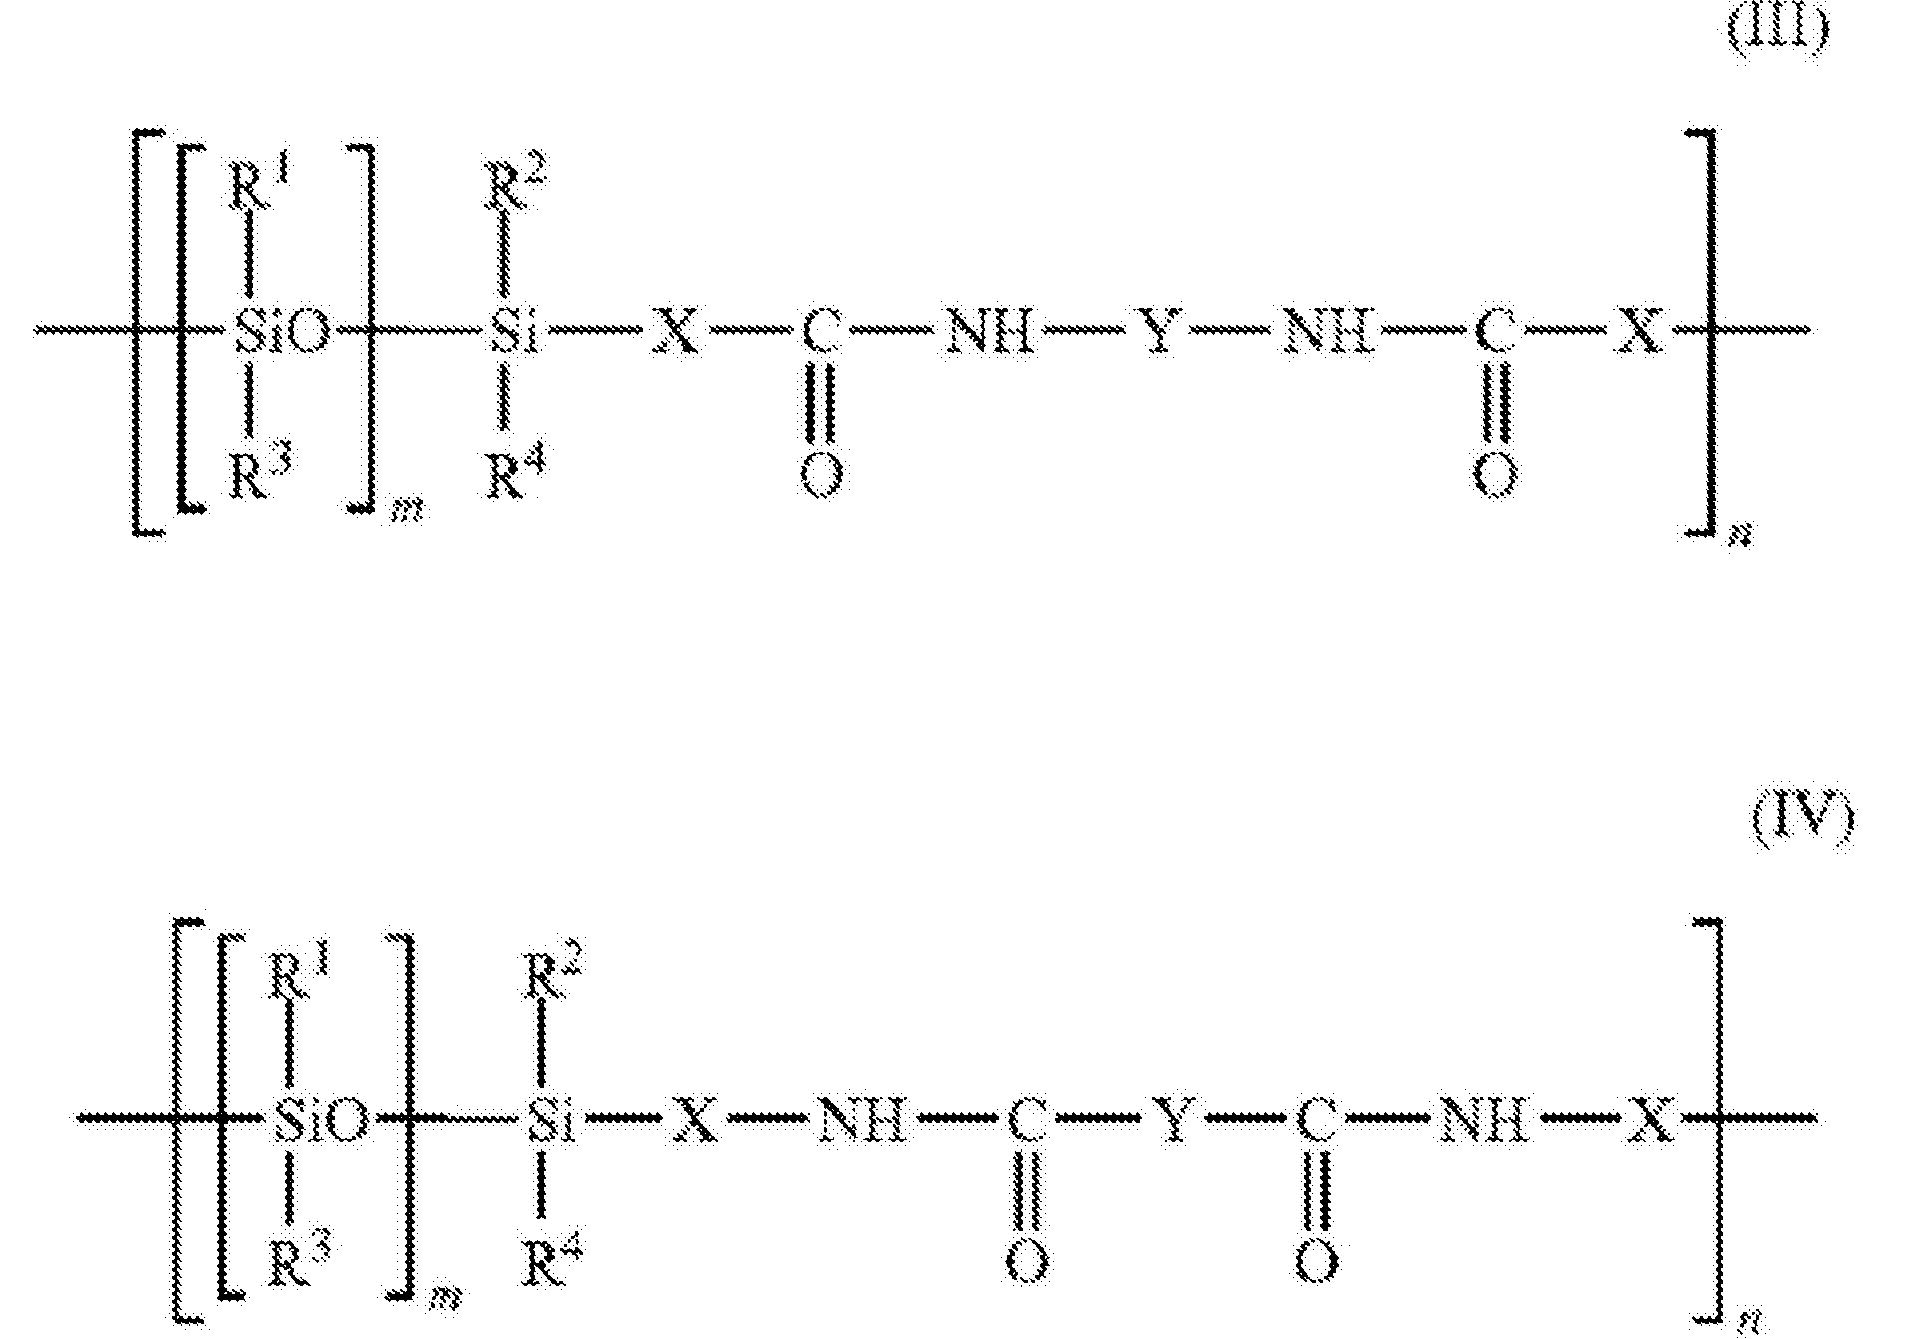 Figure CN107405294AC00041